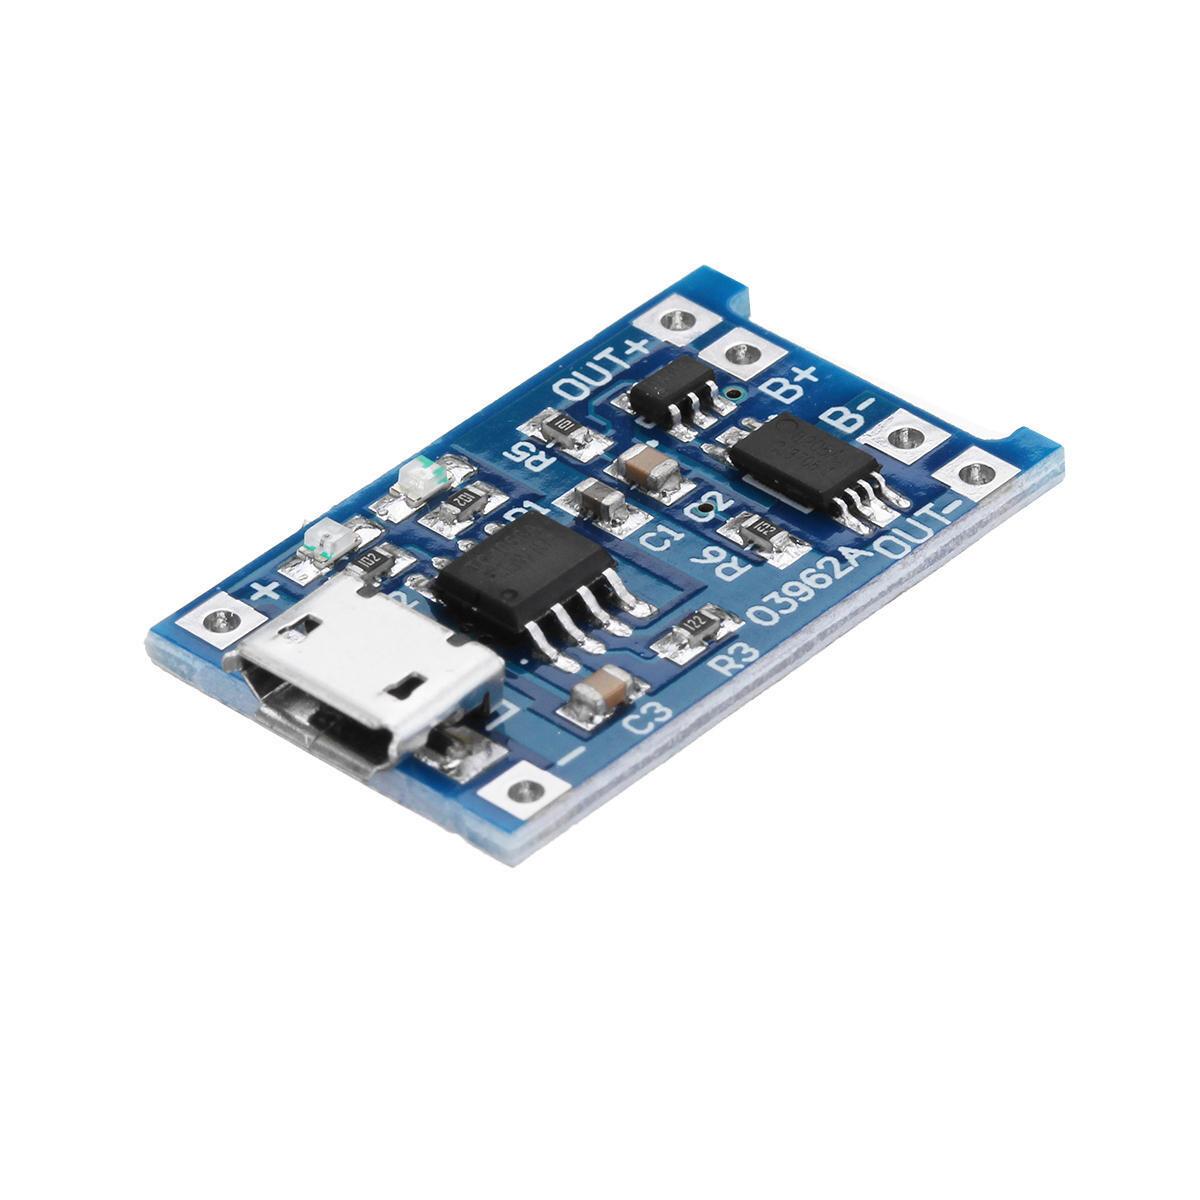 Модуль зарядки литиевой батареи микро USB 1 А